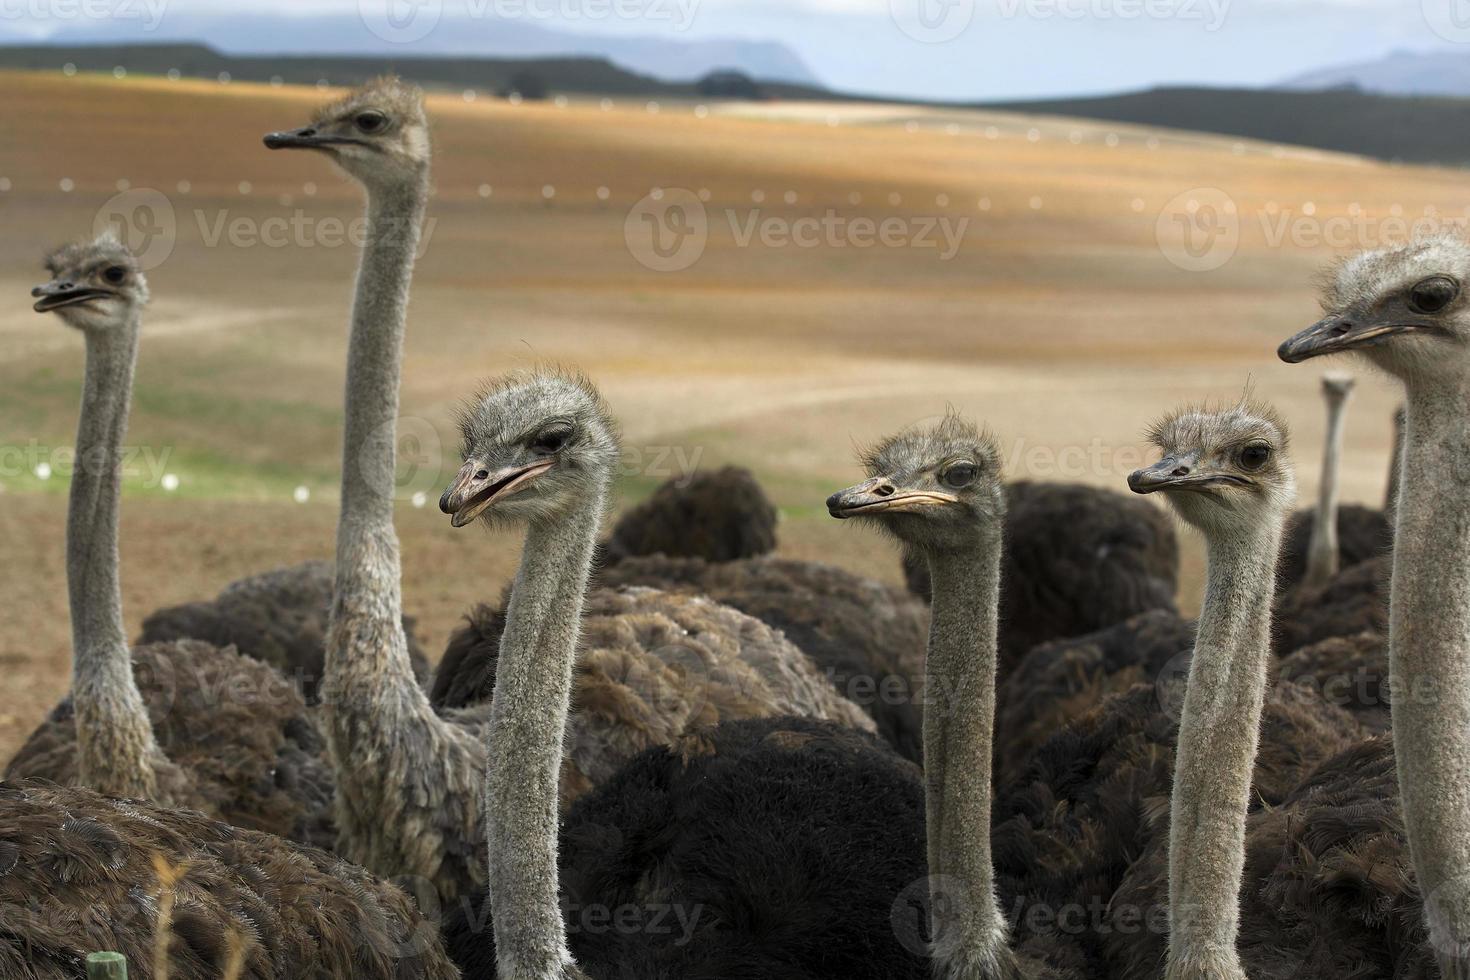 Ostriches on an ostrich farm photo